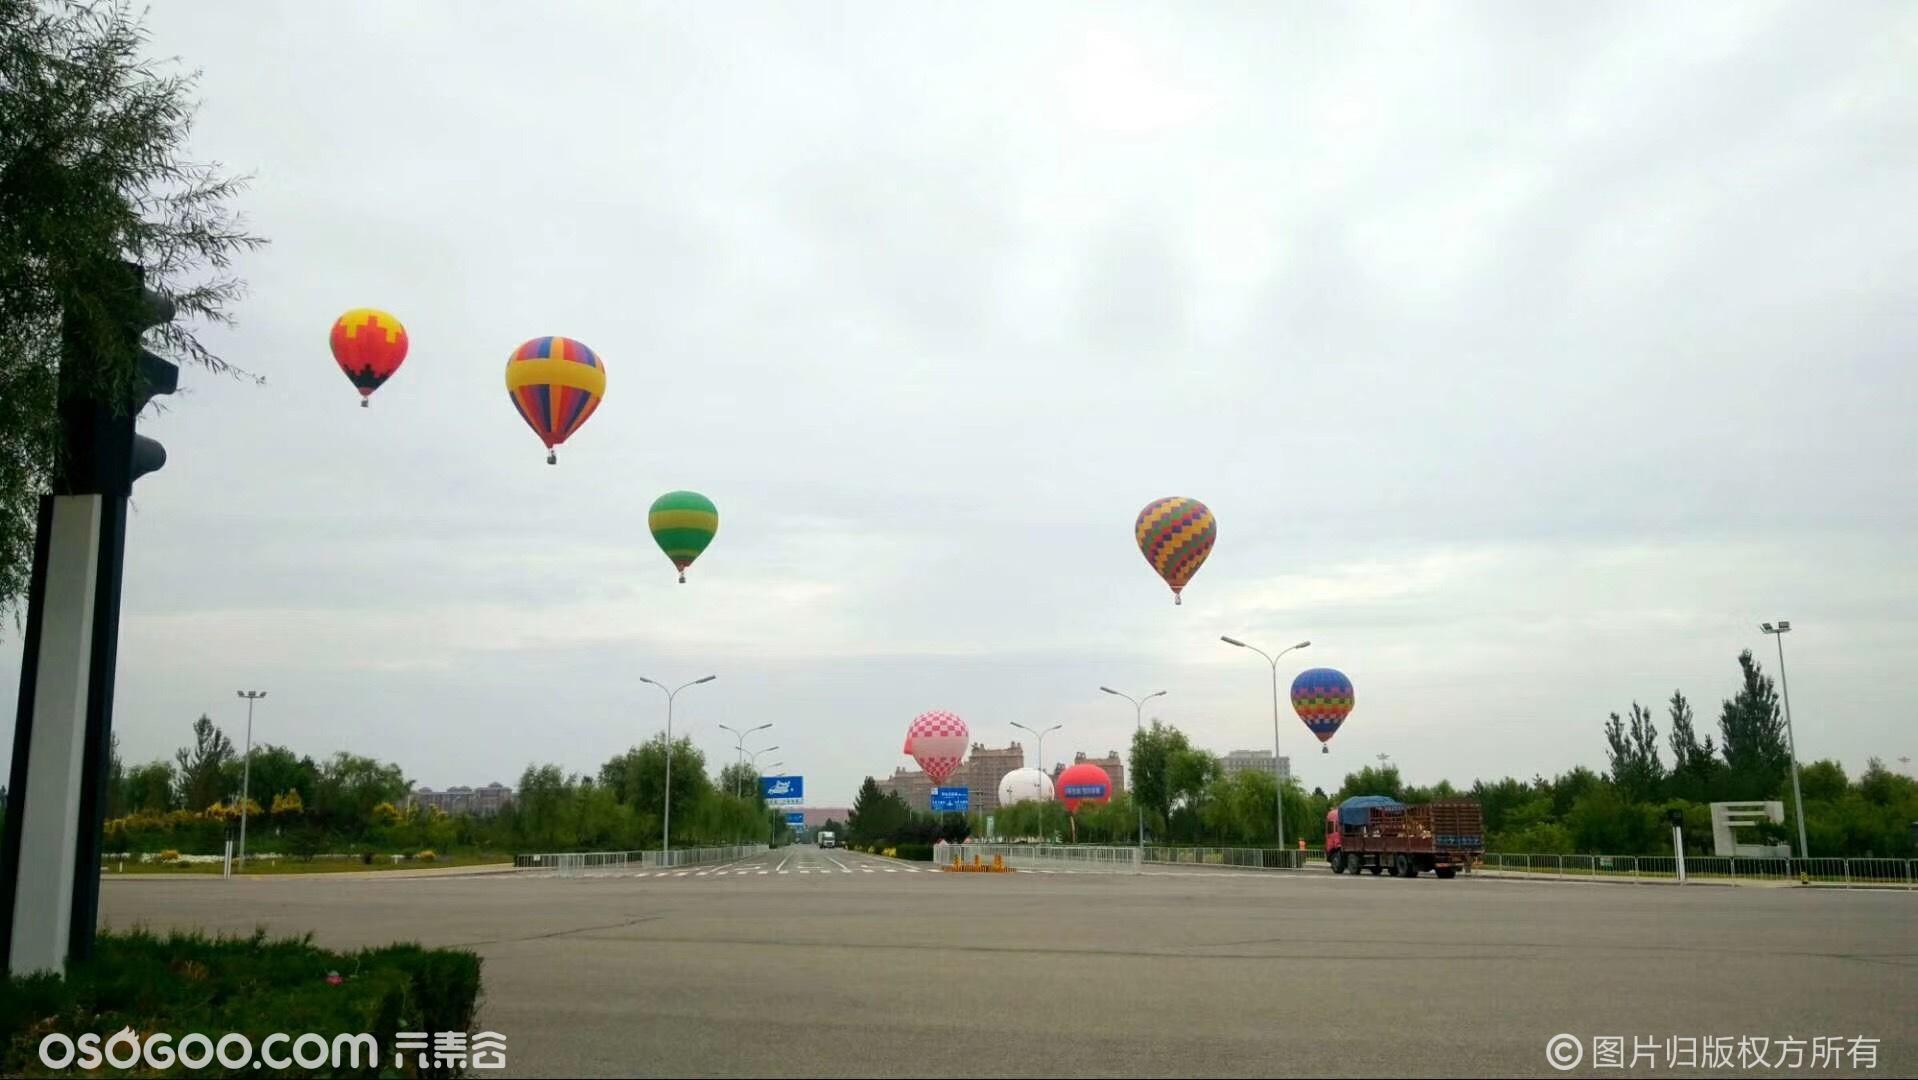 热气球租赁 热气球嘉年华 项目合作 活动道具租赁